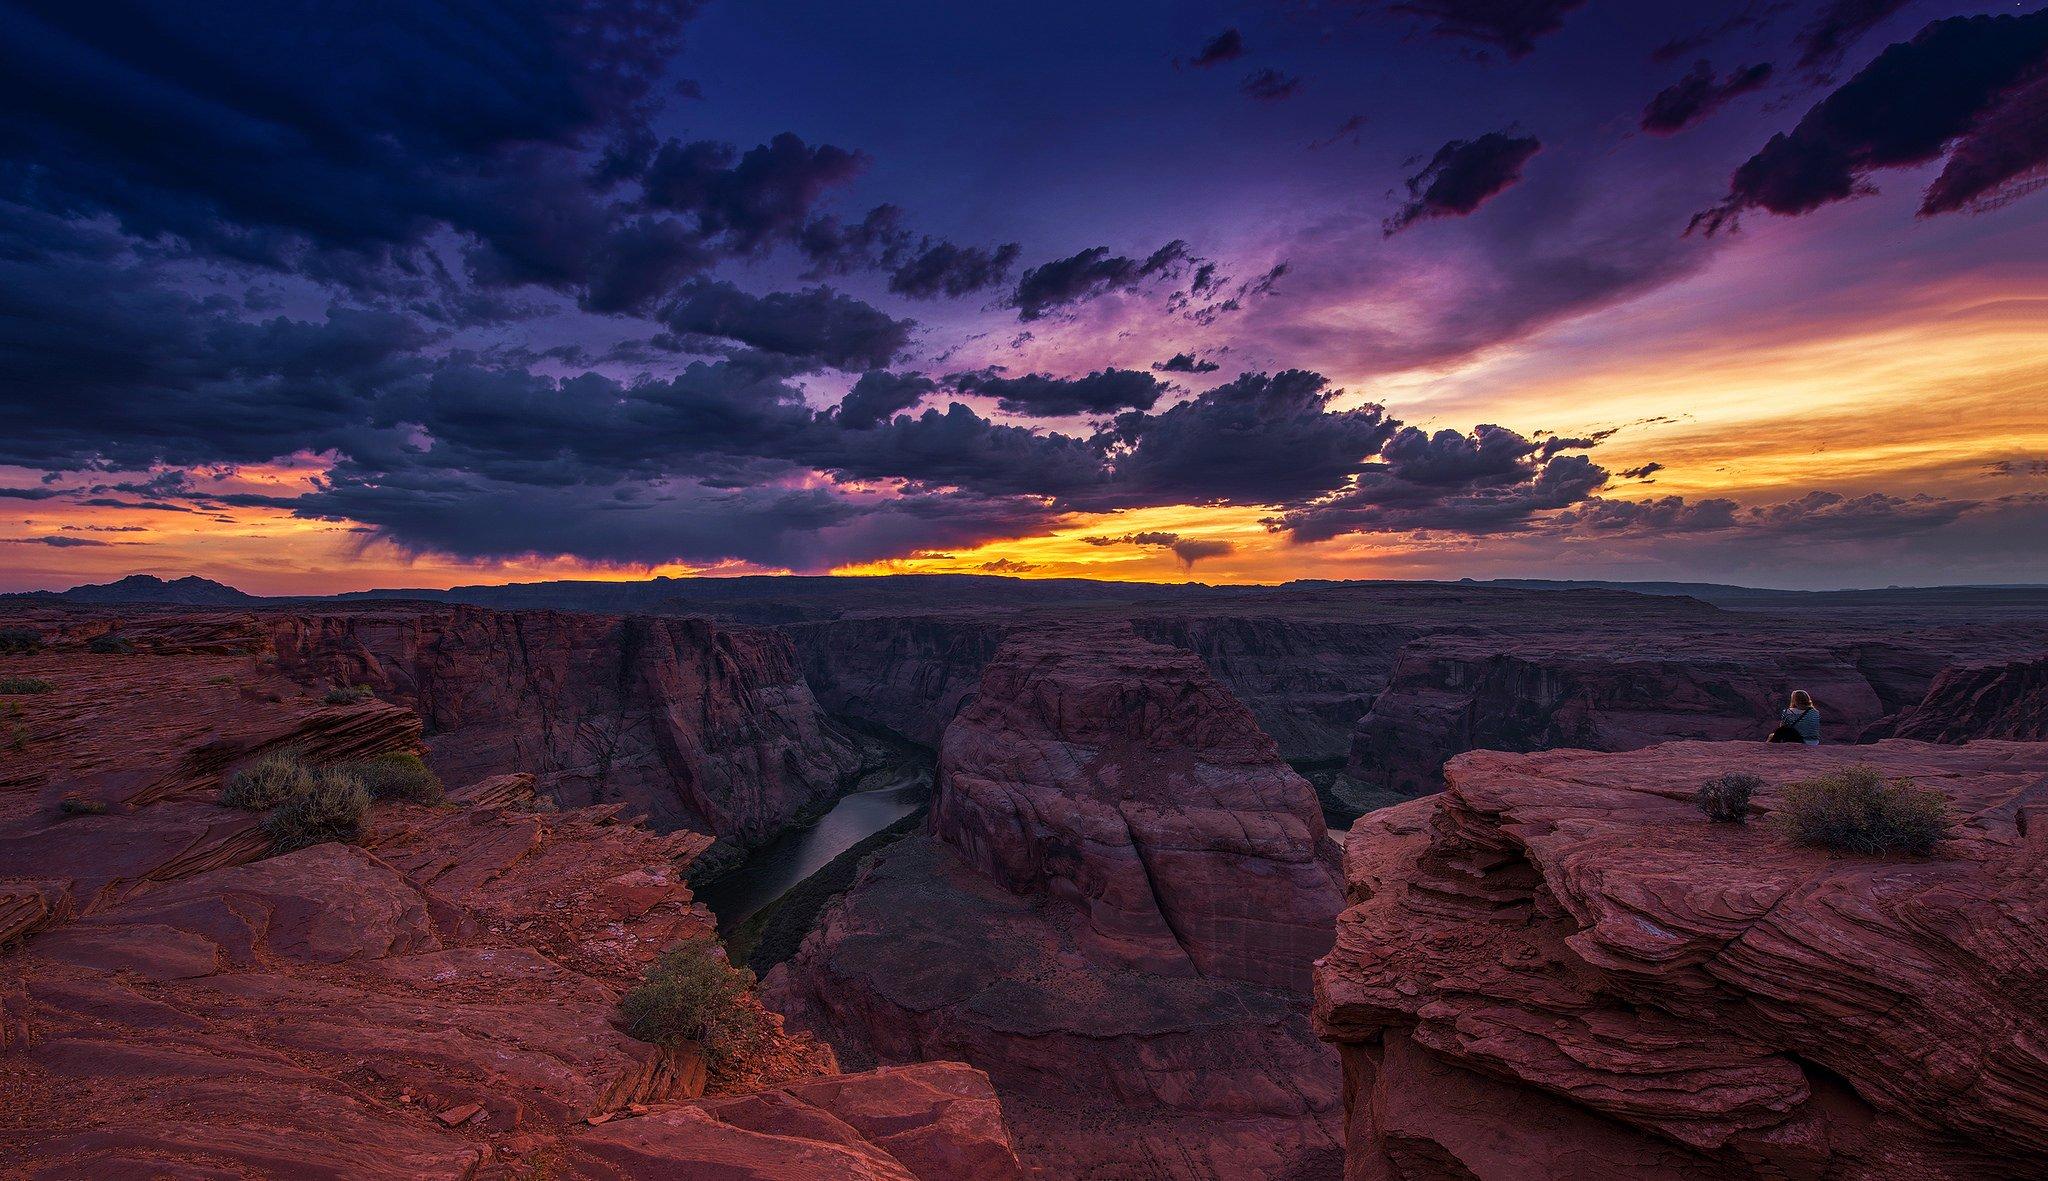 Закат над каньоном  № 241410  скачать